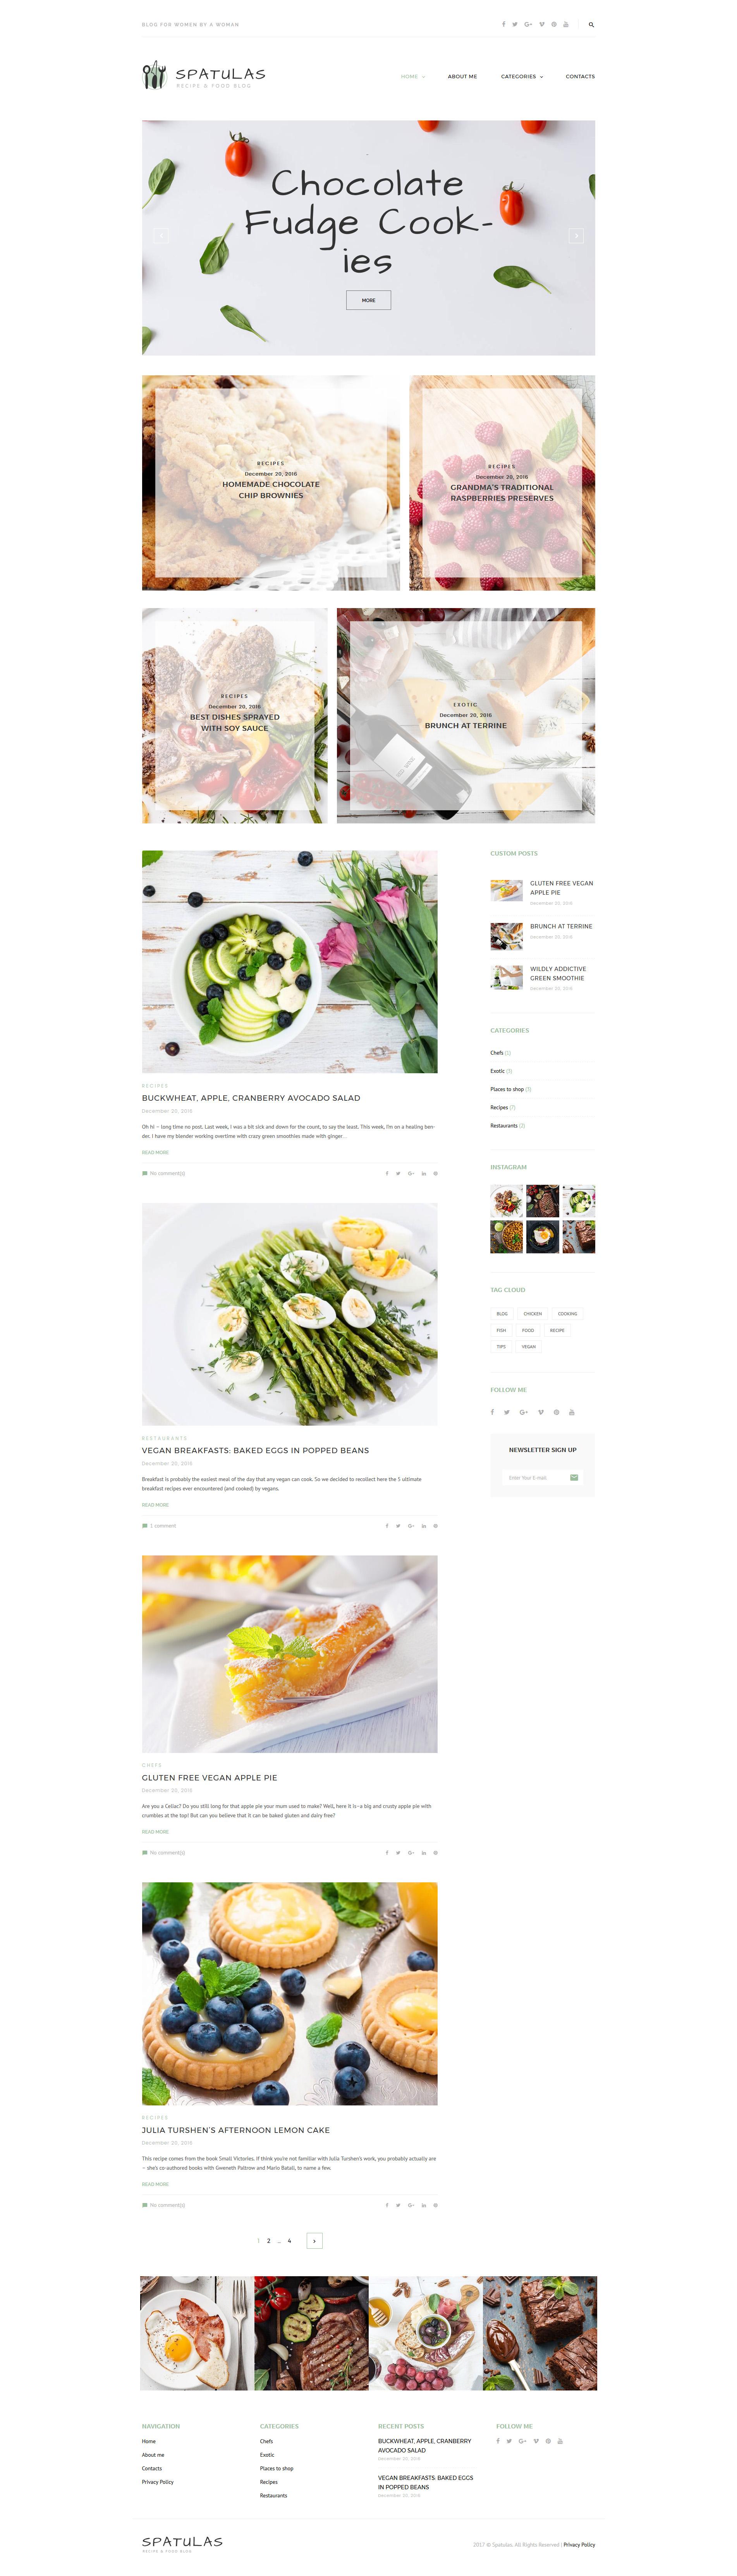 Spatulas - кулинарный блог №63601 - скриншот